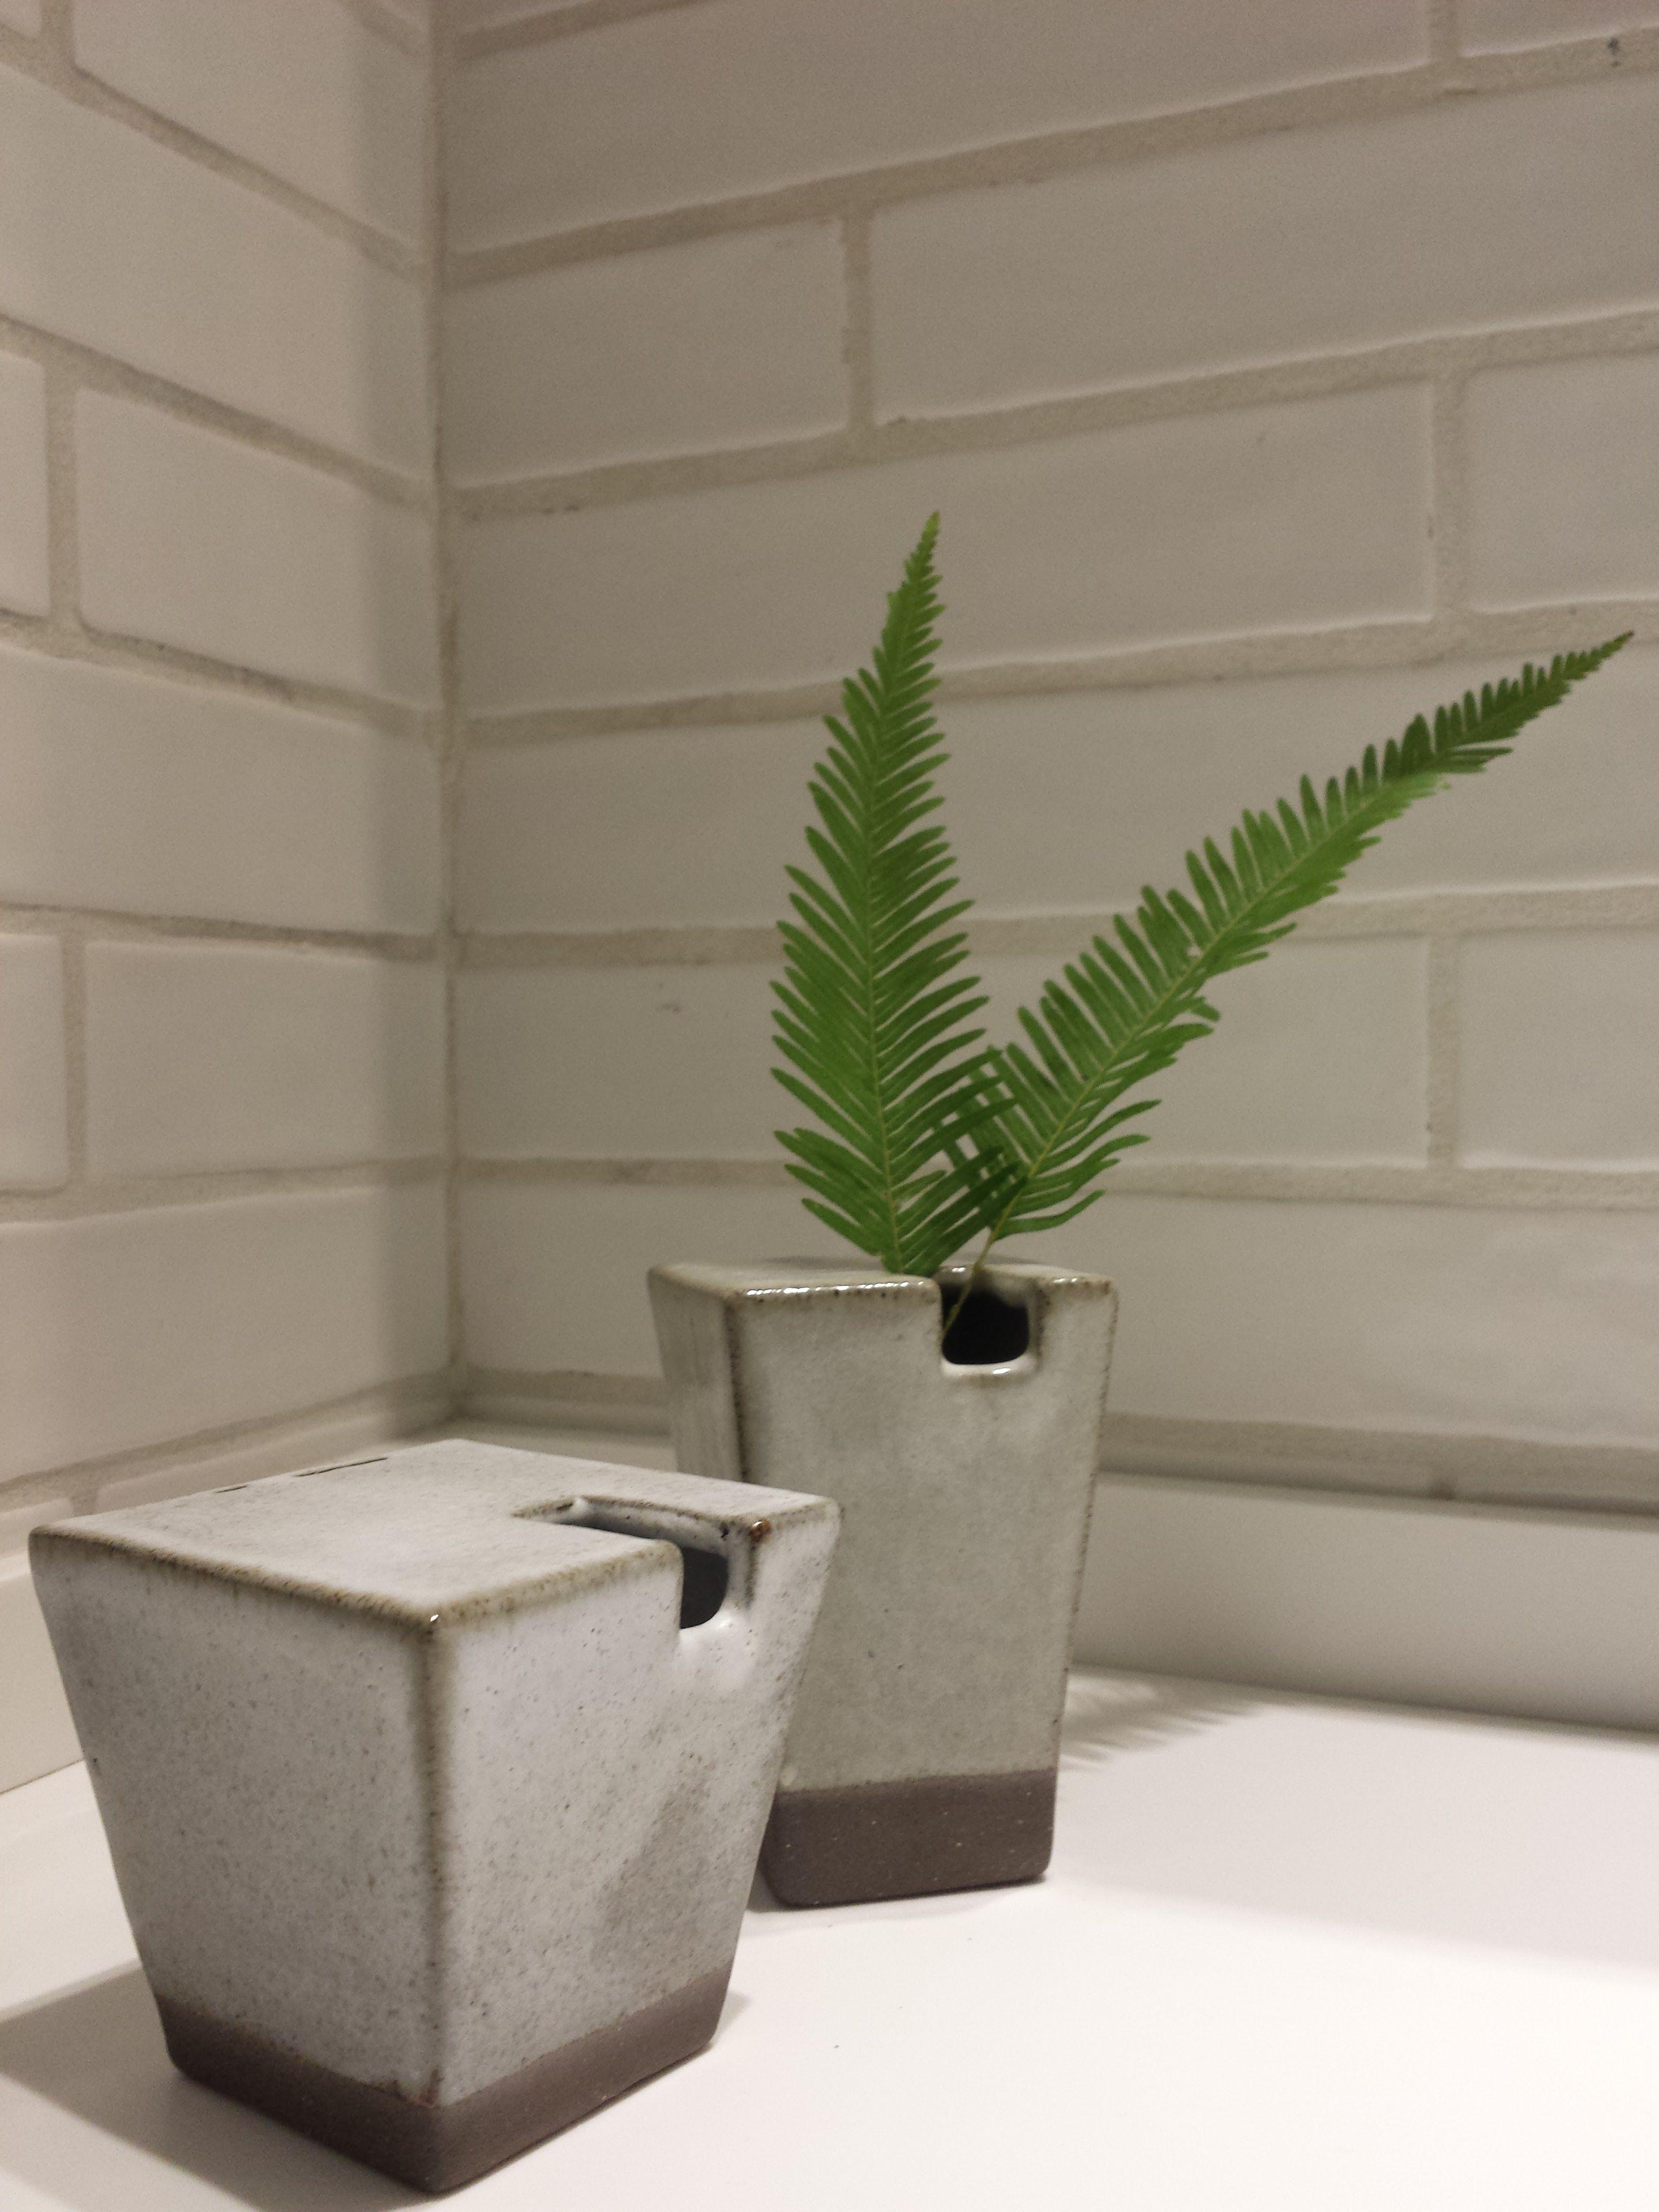 my nano vase